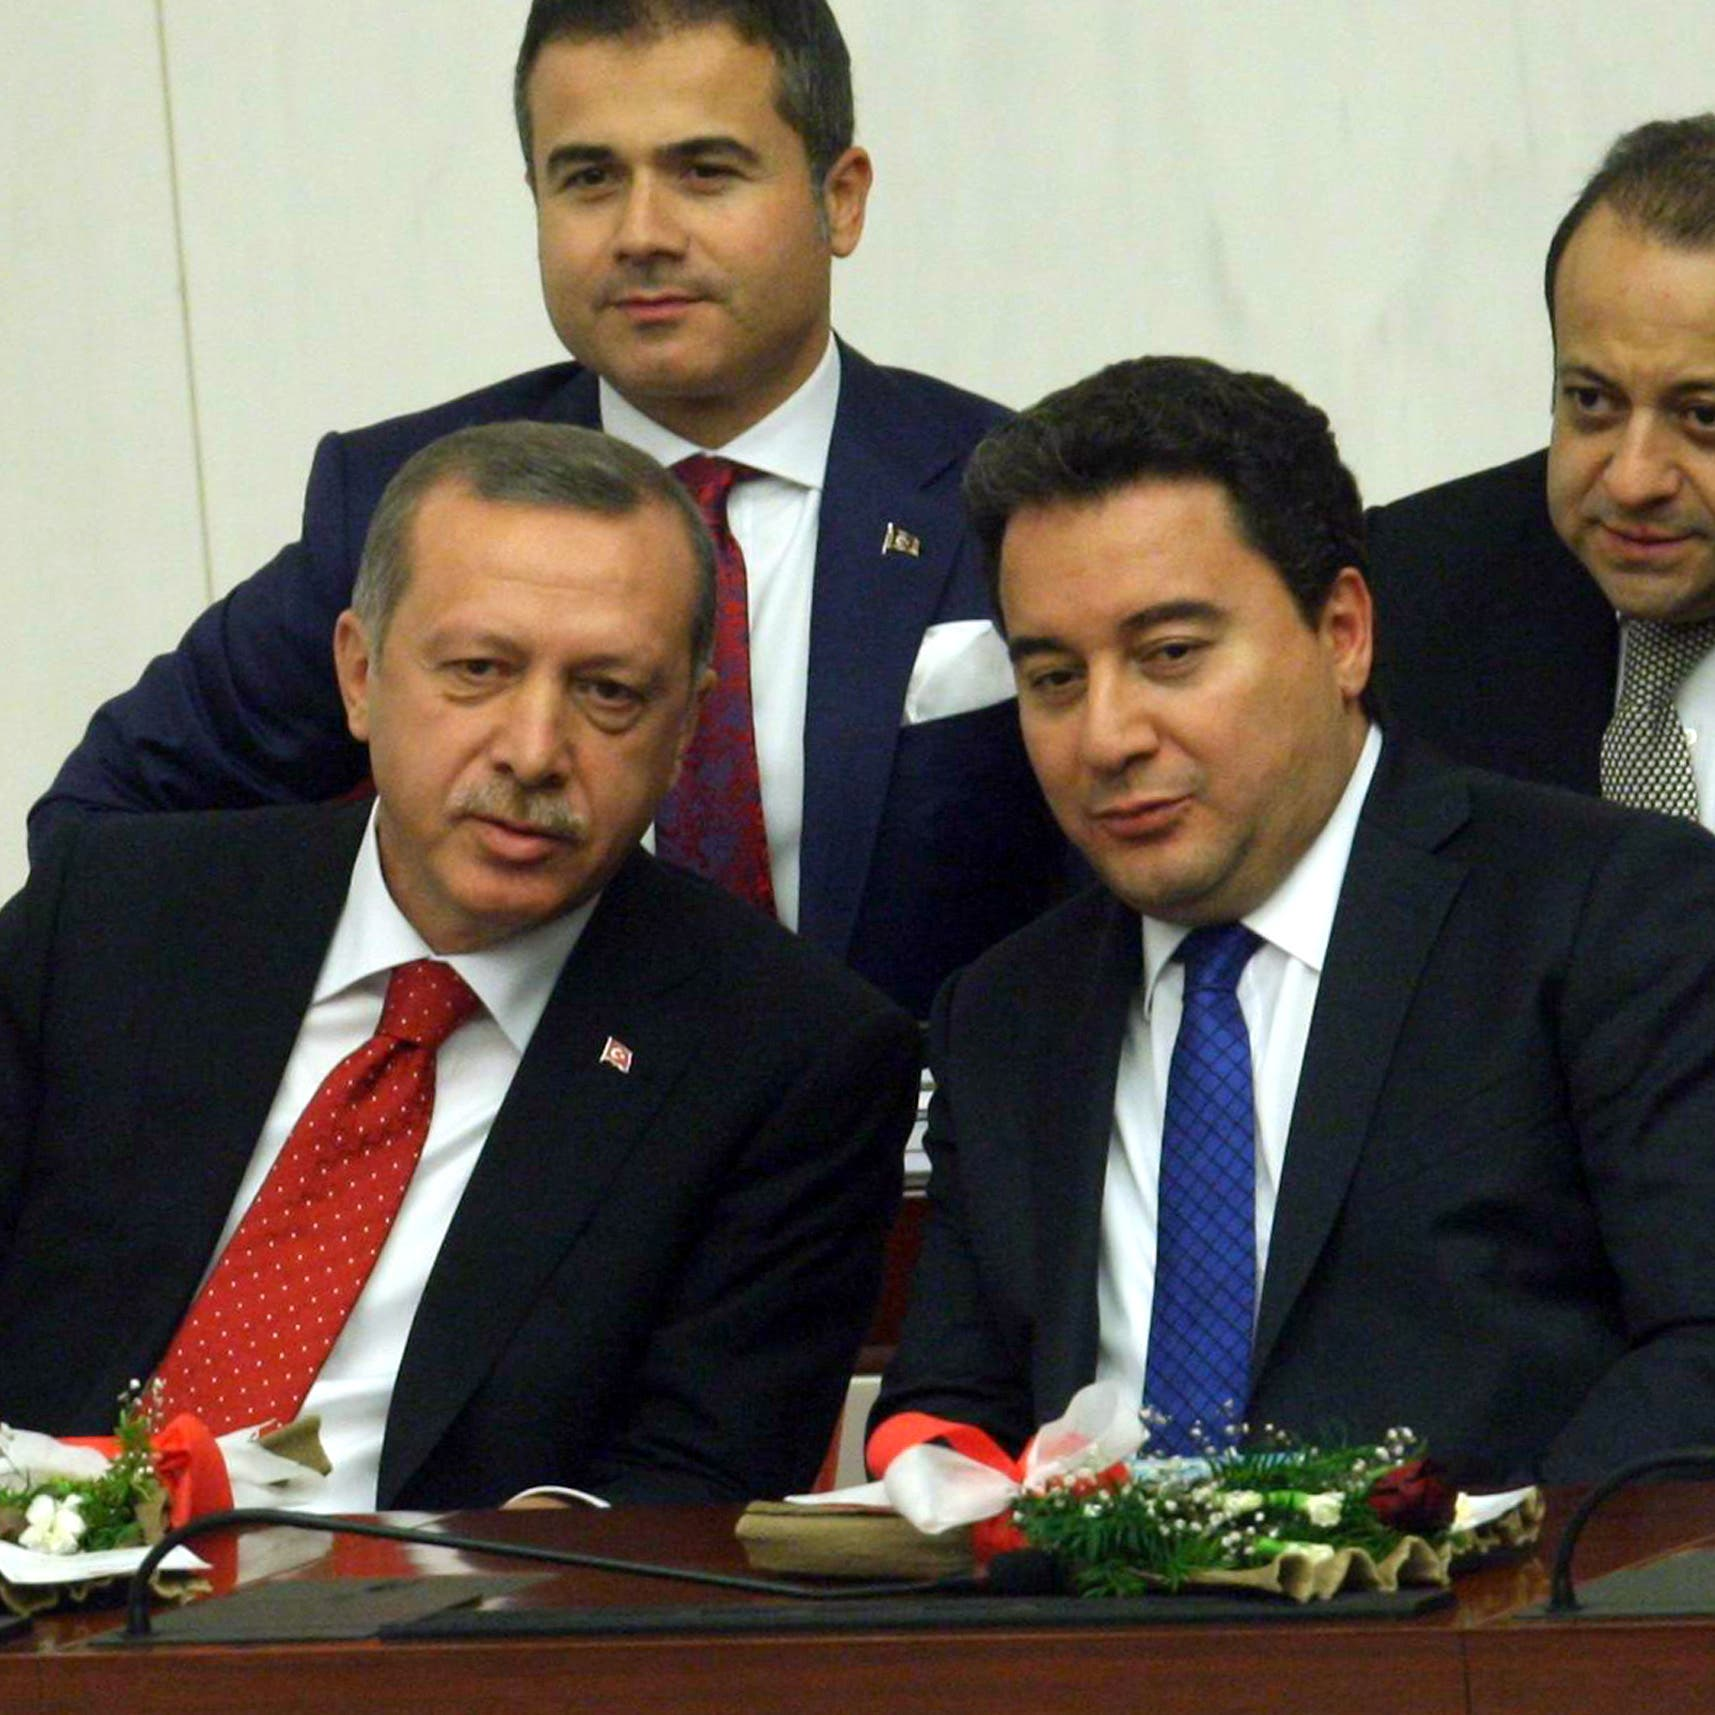 تركيا.. حزب جديد بزعامة حليف سابق لأردوغان يُطلق الأربعاء